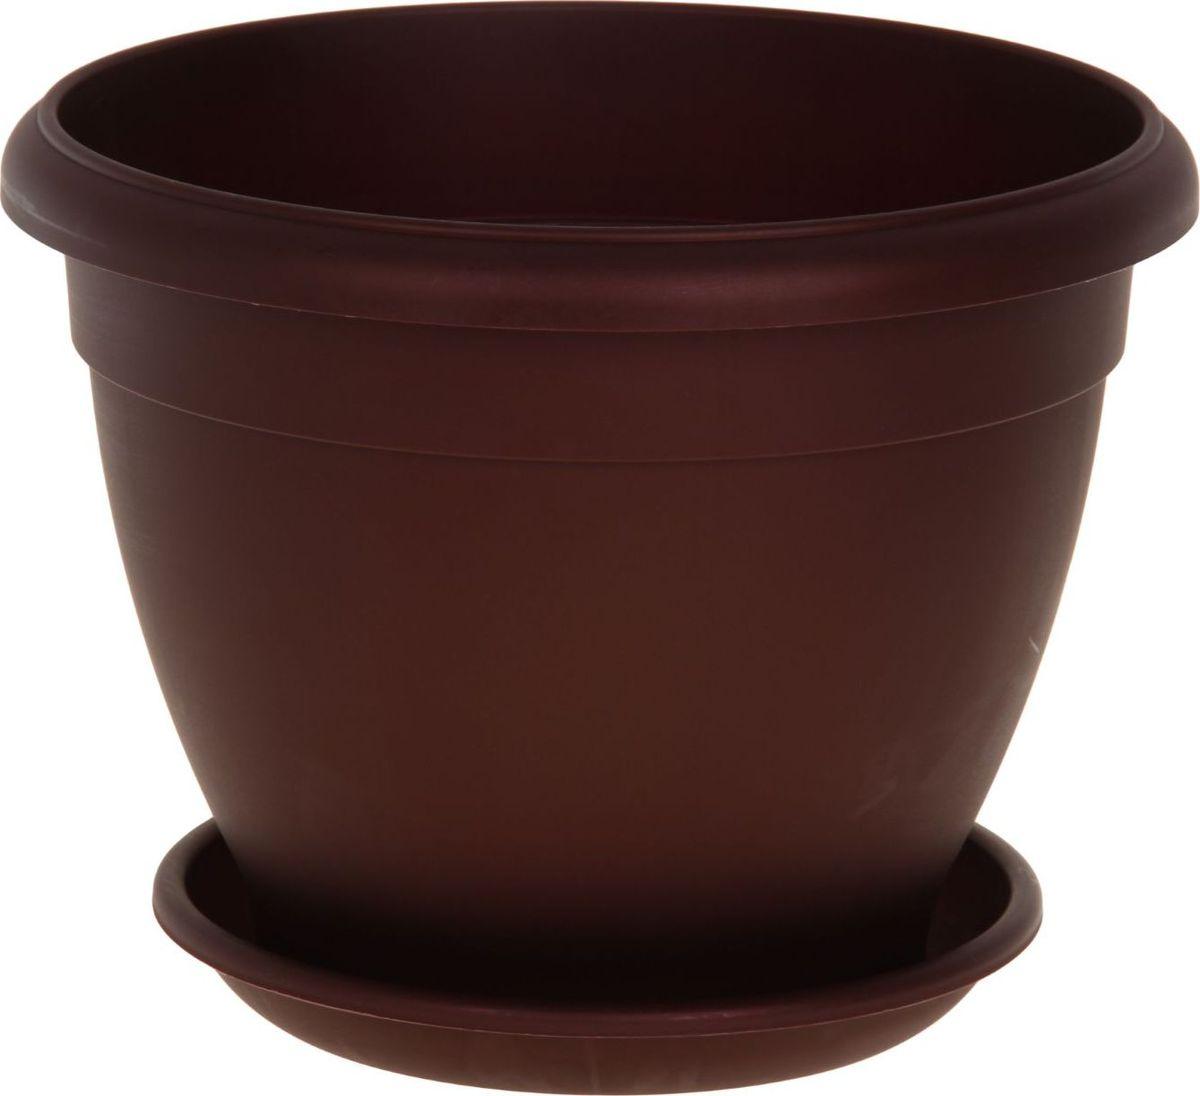 Горшок для цветов ТЕК.А.ТЕК Le Jardin, цвет: бронзовый, бордовый, 18 л1147191Любой, даже самый современный и продуманный интерьер будет не завершённым без растений. Они не только очищают воздух и насыщают его кислородом, но и заметно украшают окружающее пространство. Такому полезному &laquo члену семьи&raquoпросто необходимо красивое и функциональное кашпо, оригинальный горшок или необычная ваза! Мы предлагаем - Горшок для цветов Le Jardin, d=35 см, цвет бронзовый бордовый!Оптимальный выбор материала &mdash &nbsp пластмасса! Почему мы так считаем? Малый вес. С лёгкостью переносите горшки и кашпо с места на место, ставьте их на столики или полки, подвешивайте под потолок, не беспокоясь о нагрузке. Простота ухода. Пластиковые изделия не нуждаются в специальных условиях хранения. Их&nbsp легко чистить &mdashдостаточно просто сполоснуть тёплой водой. Никаких царапин. Пластиковые кашпо не царапают и не загрязняют поверхности, на которых стоят. Пластик дольше хранит влагу, а значит &mdashрастение реже нуждается в поливе. Пластмасса не пропускает воздух &mdashкорневой системе растения не грозят резкие перепады температур. Огромный выбор форм, декора и расцветок &mdashвы без труда подберёте что-то, что идеально впишется в уже существующий интерьер.Соблюдая нехитрые правила ухода, вы можете заметно продлить срок службы горшков, вазонов и кашпо из пластика: всегда учитывайте размер кроны и корневой системы растения (при разрастании большое растение способно повредить маленький горшок)берегите изделие от воздействия прямых солнечных лучей, чтобы кашпо и горшки не выцветалидержите кашпо и горшки из пластика подальше от нагревающихся поверхностей.Создавайте прекрасные цветочные композиции, выращивайте рассаду или необычные растения, а низкие цены позволят вам не ограничивать себя в выборе.